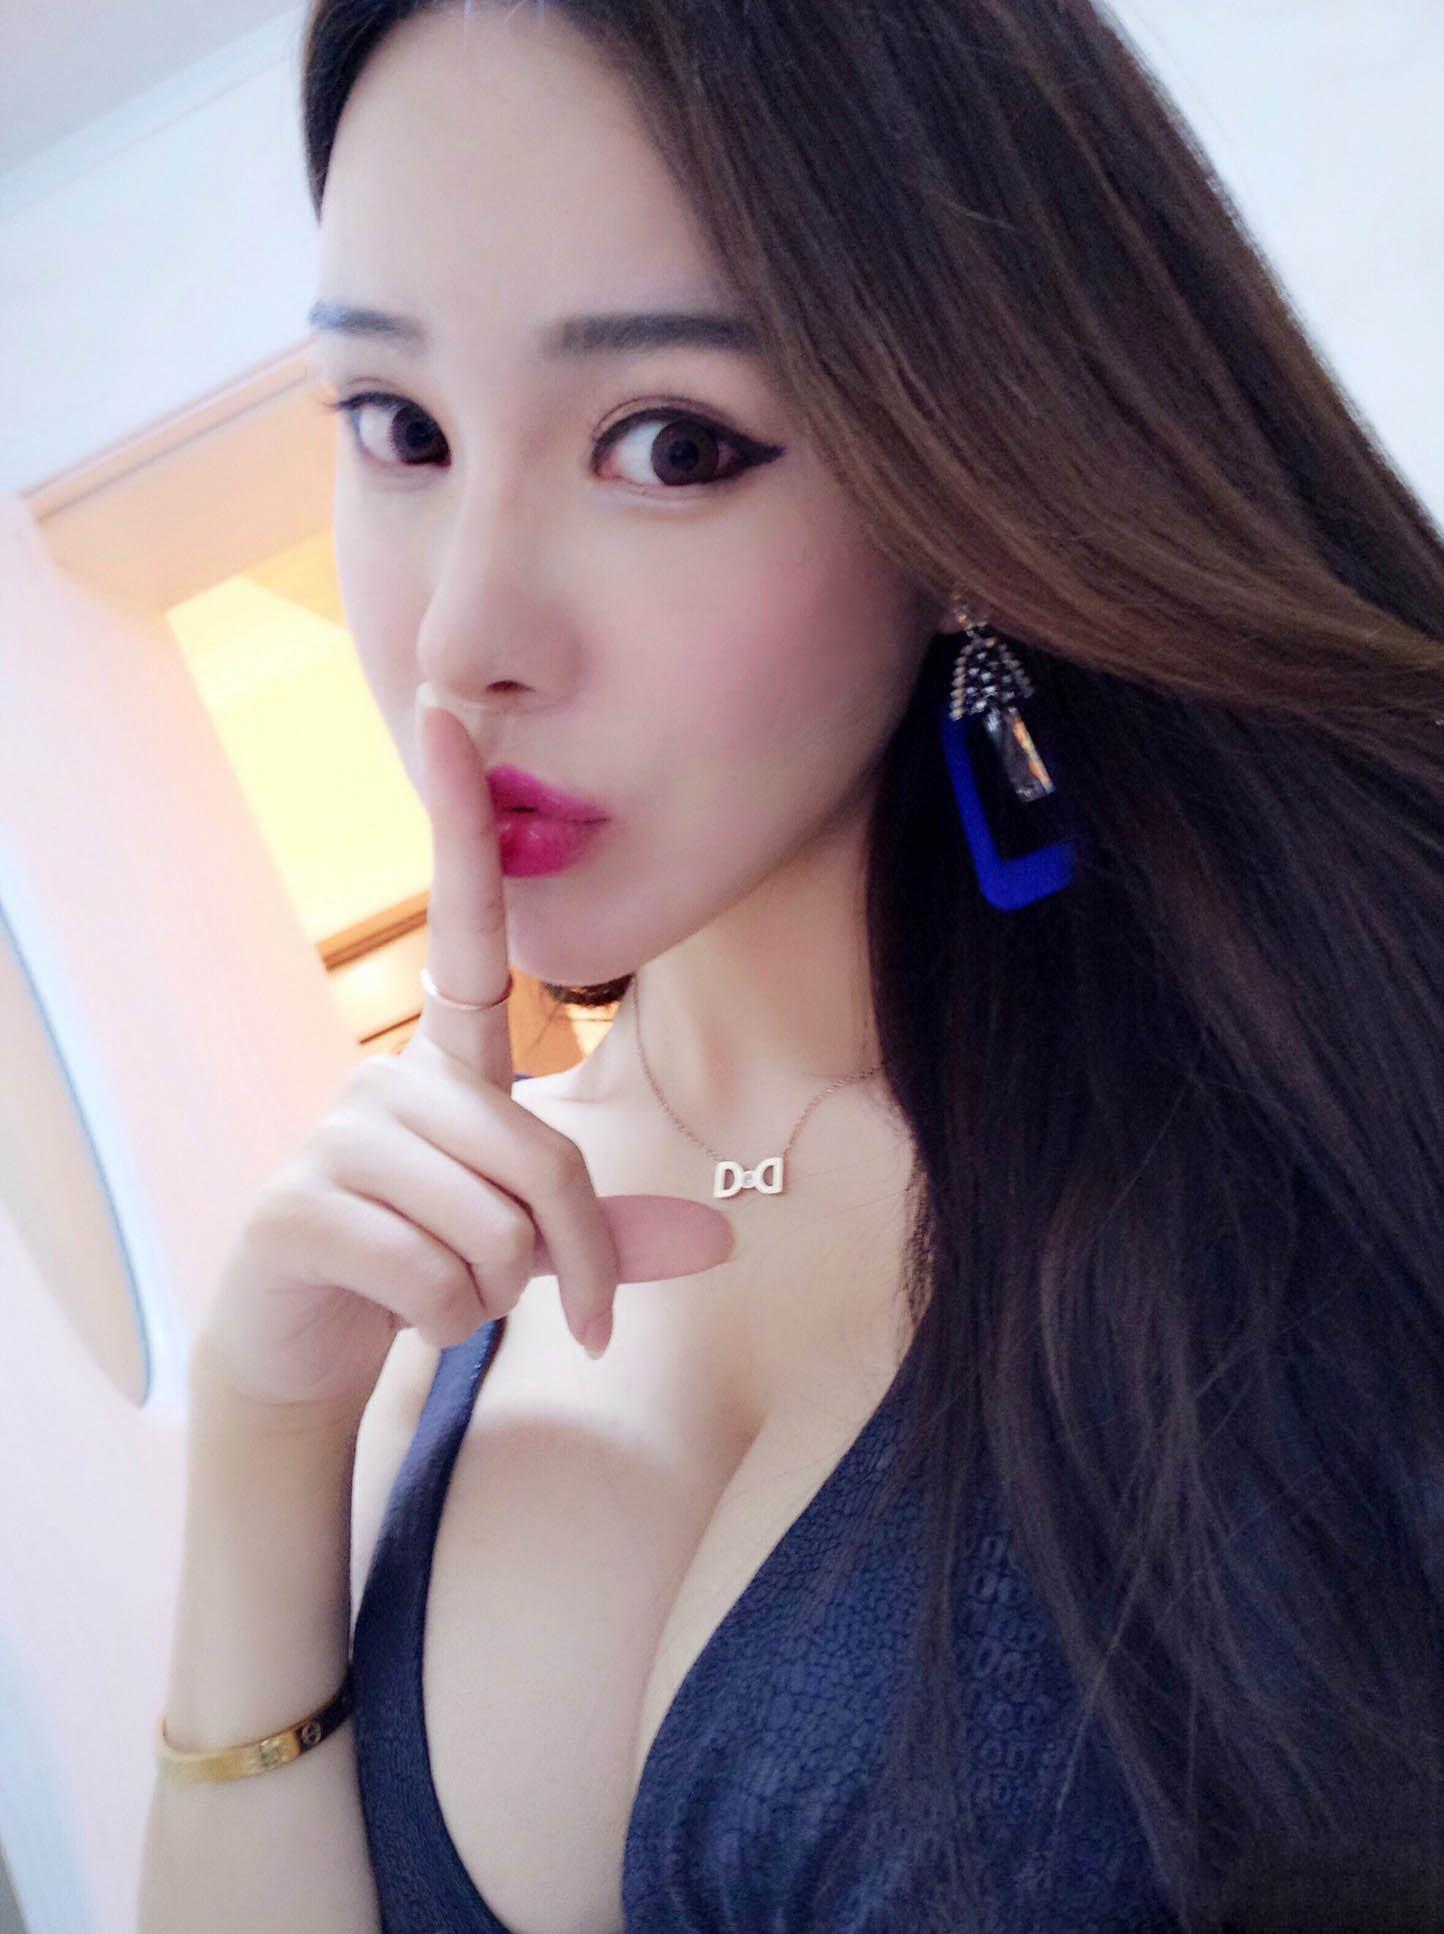 娱网棋牌麻将-安卓版APP下载 - 爱游戏官网